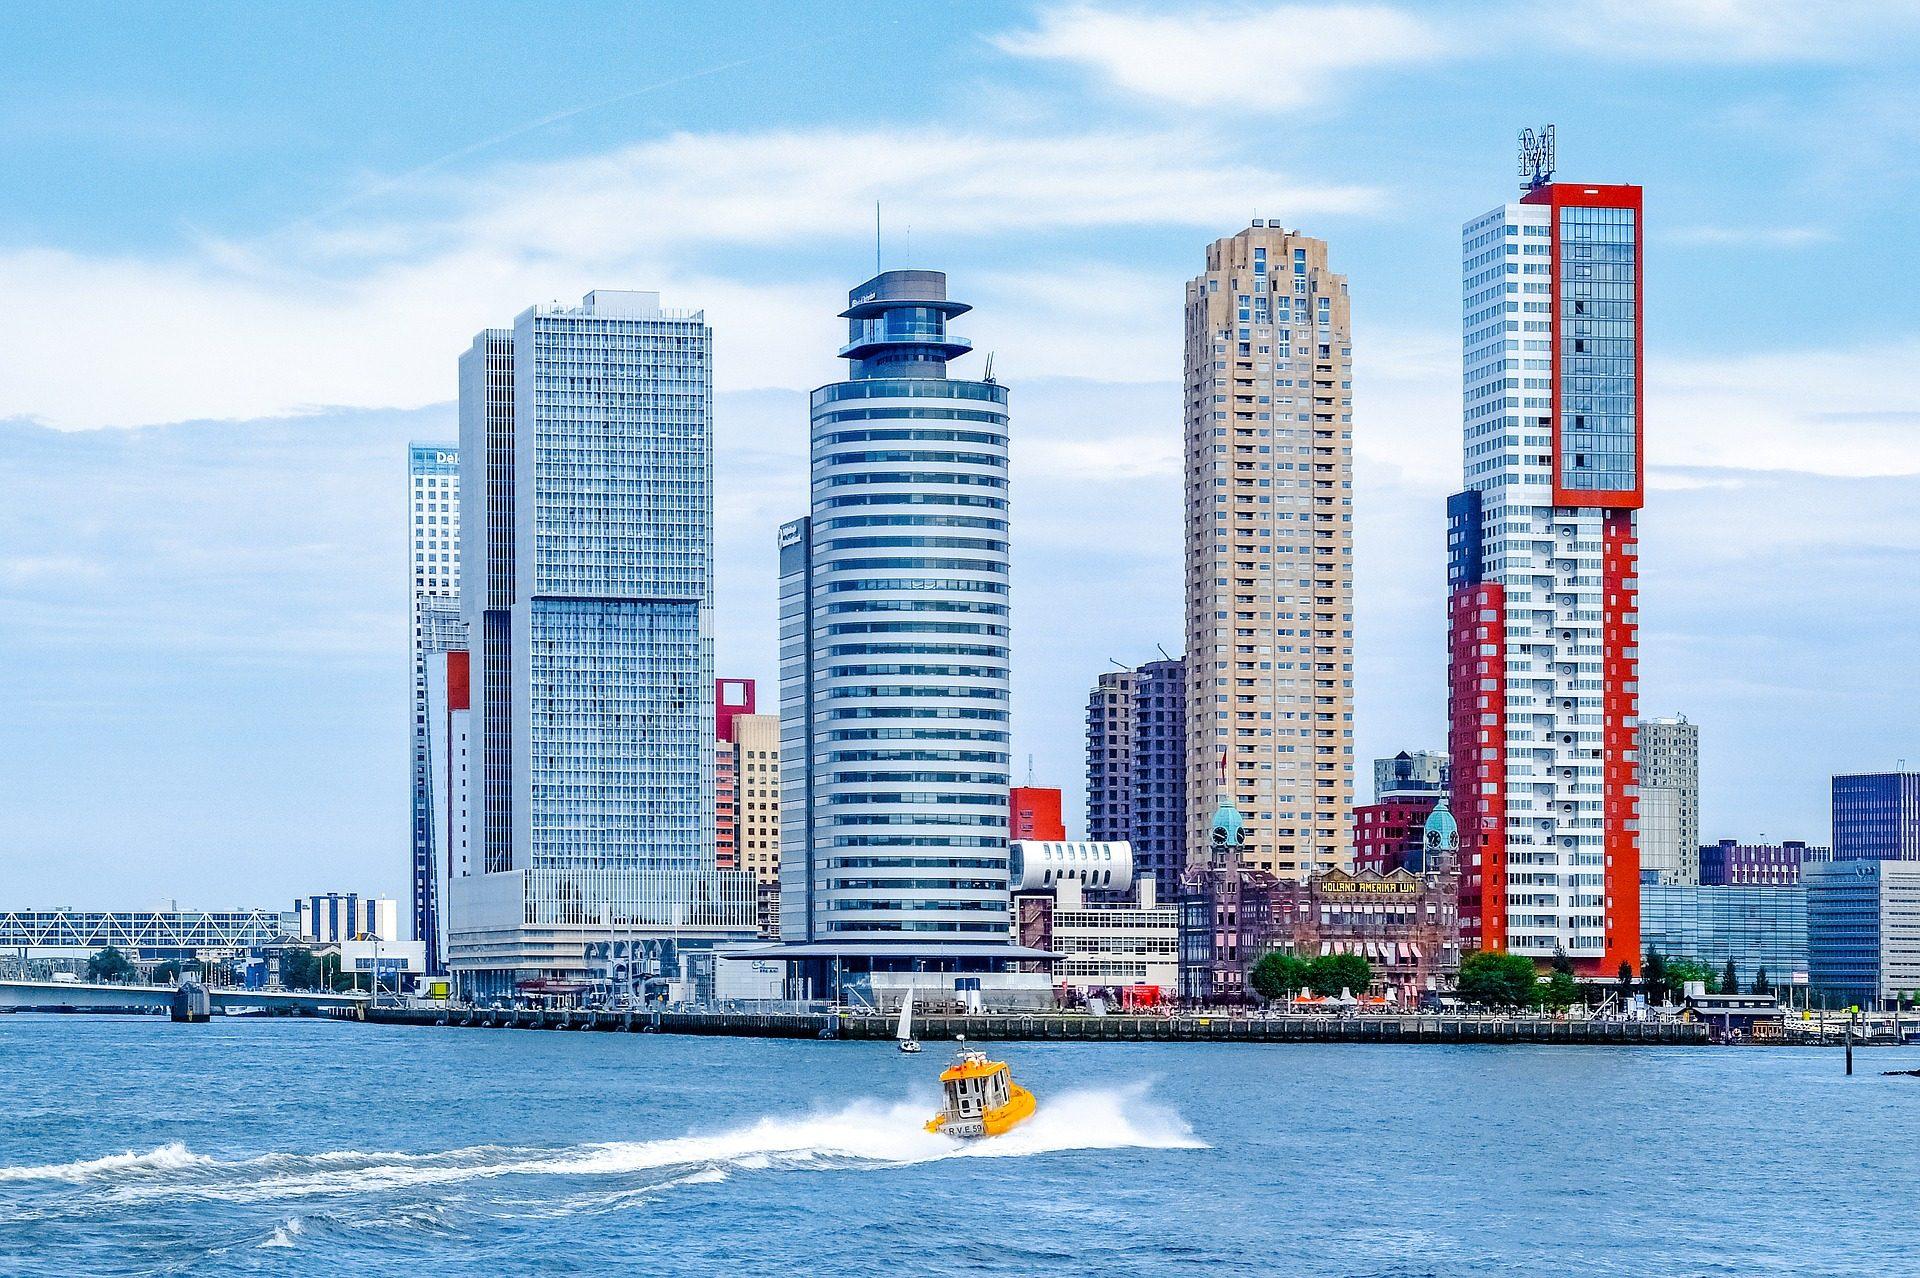 Hafenrundfahrt Rotterdam Hotels ab 26,00€ die Nacht - Ferien in Holland